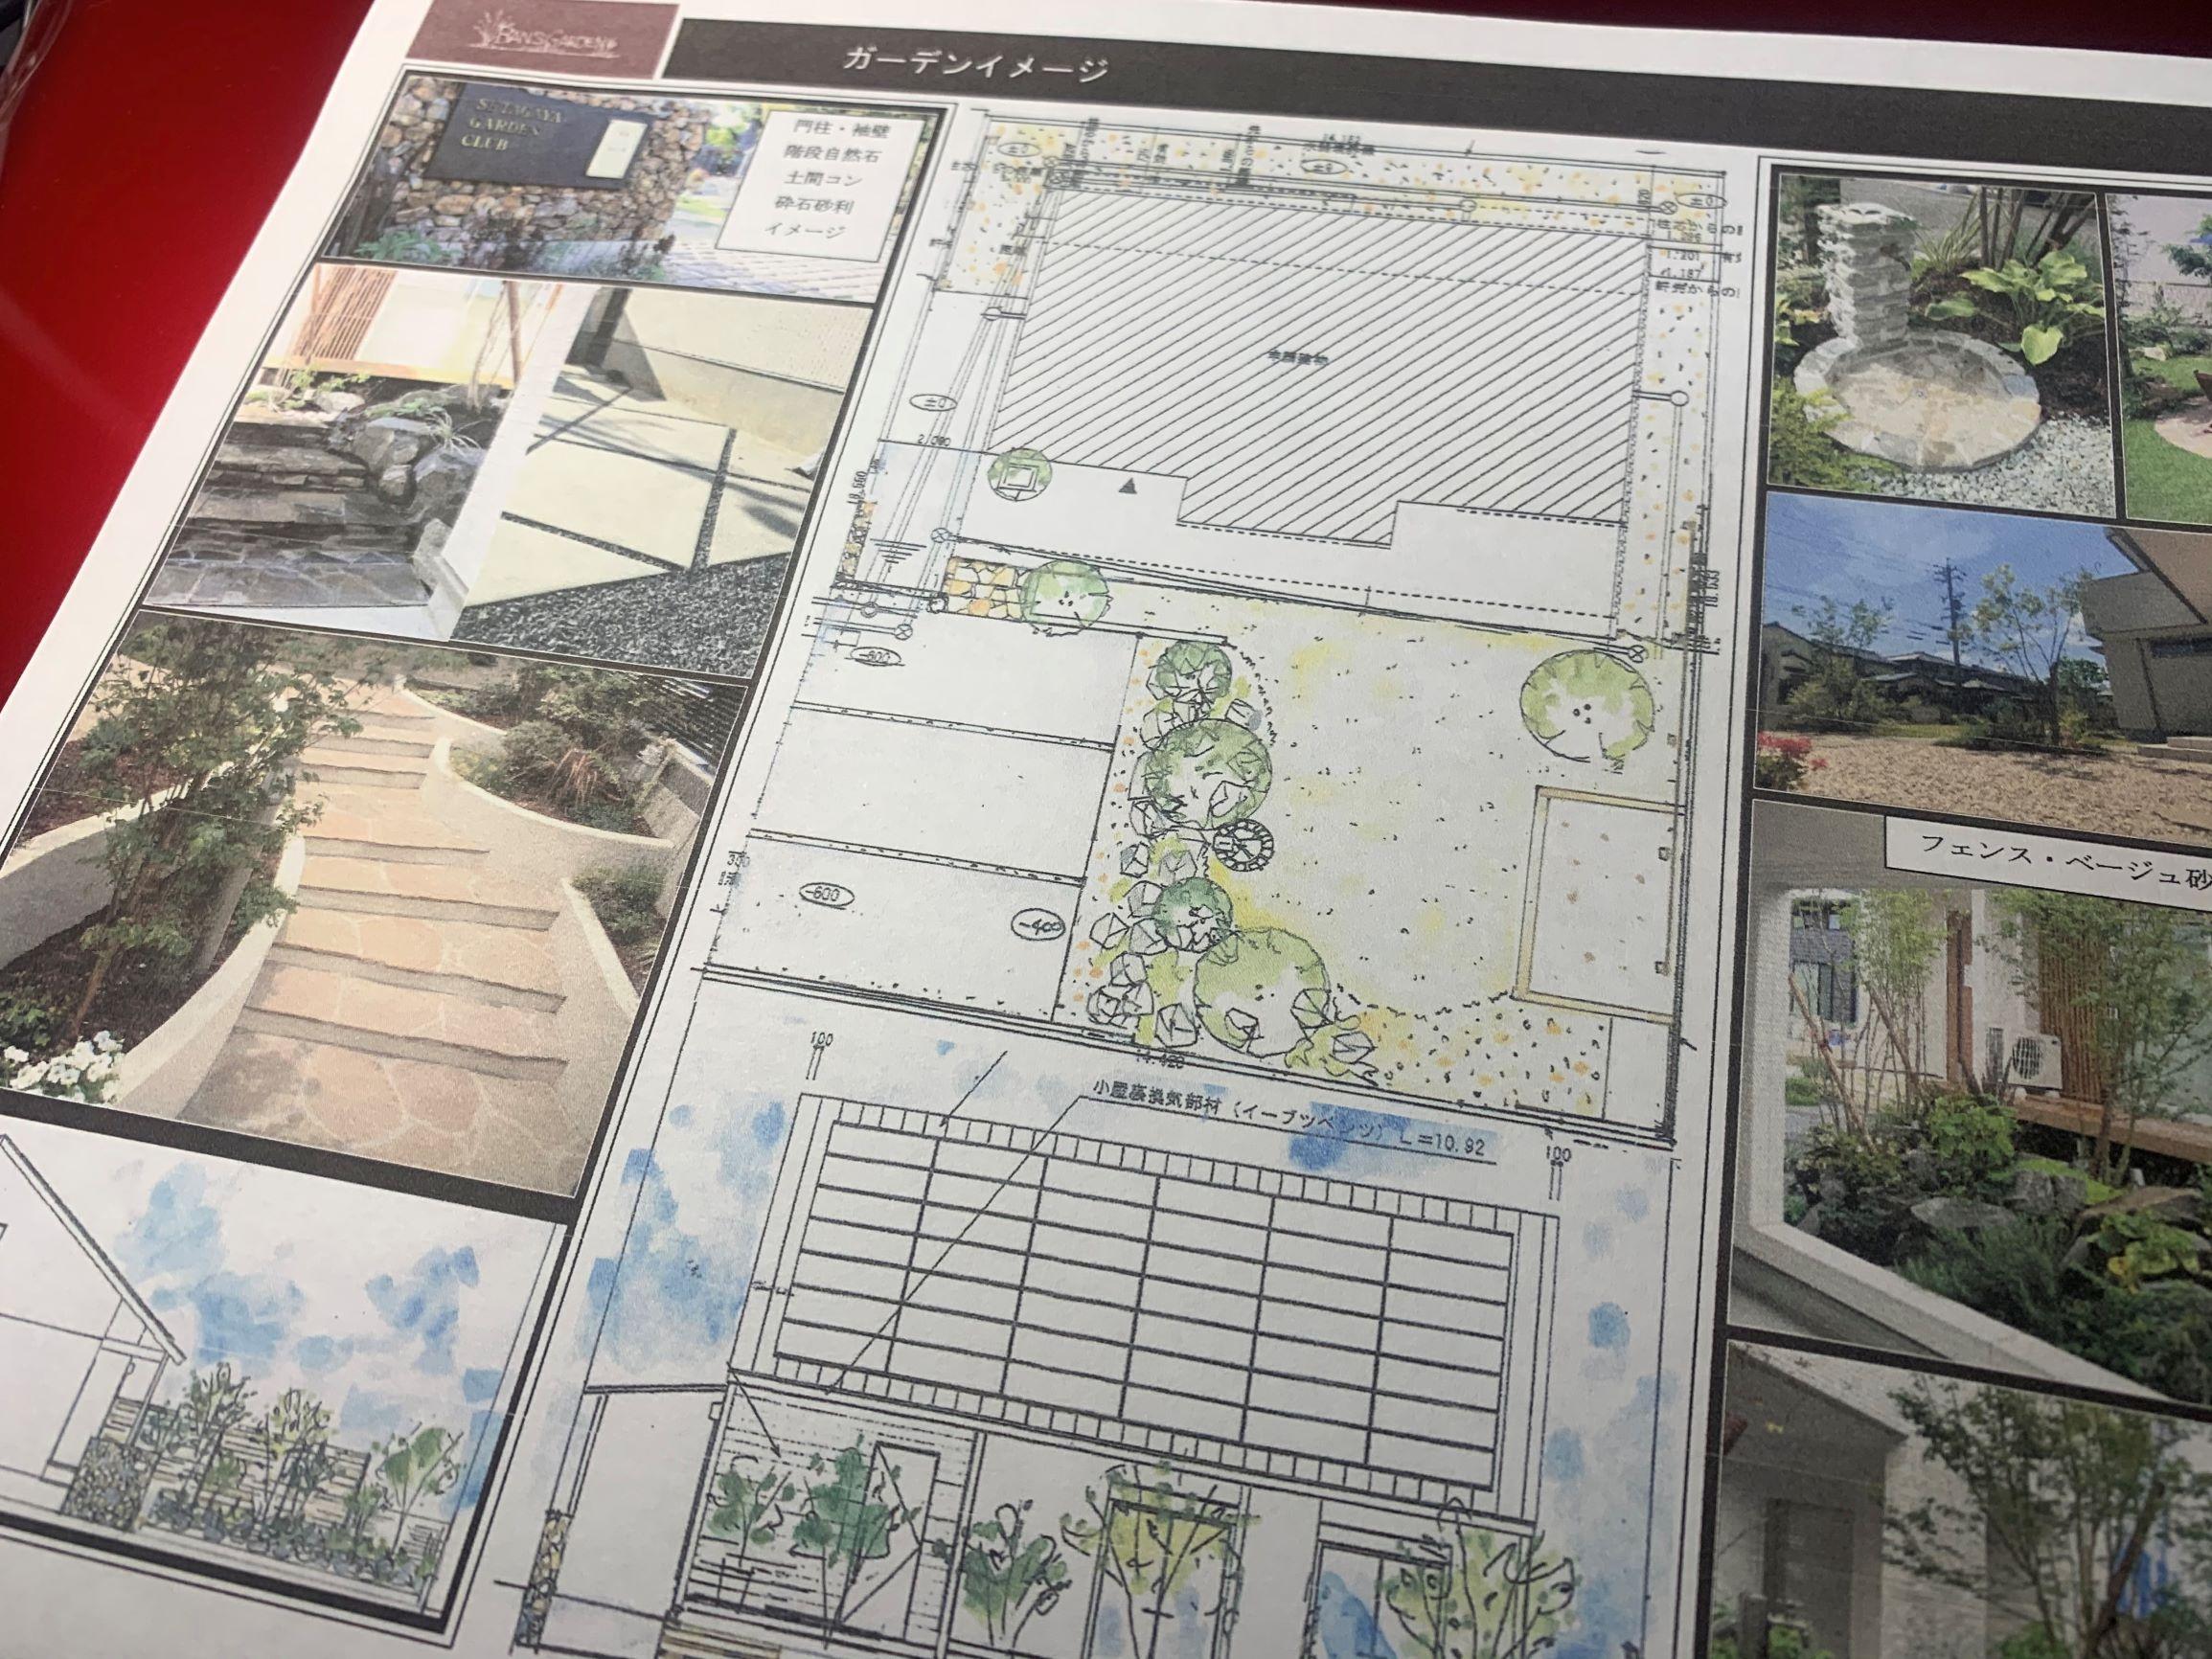 岡崎ガビオン門柱の似合う庭。いよいよスタート。のイメージ